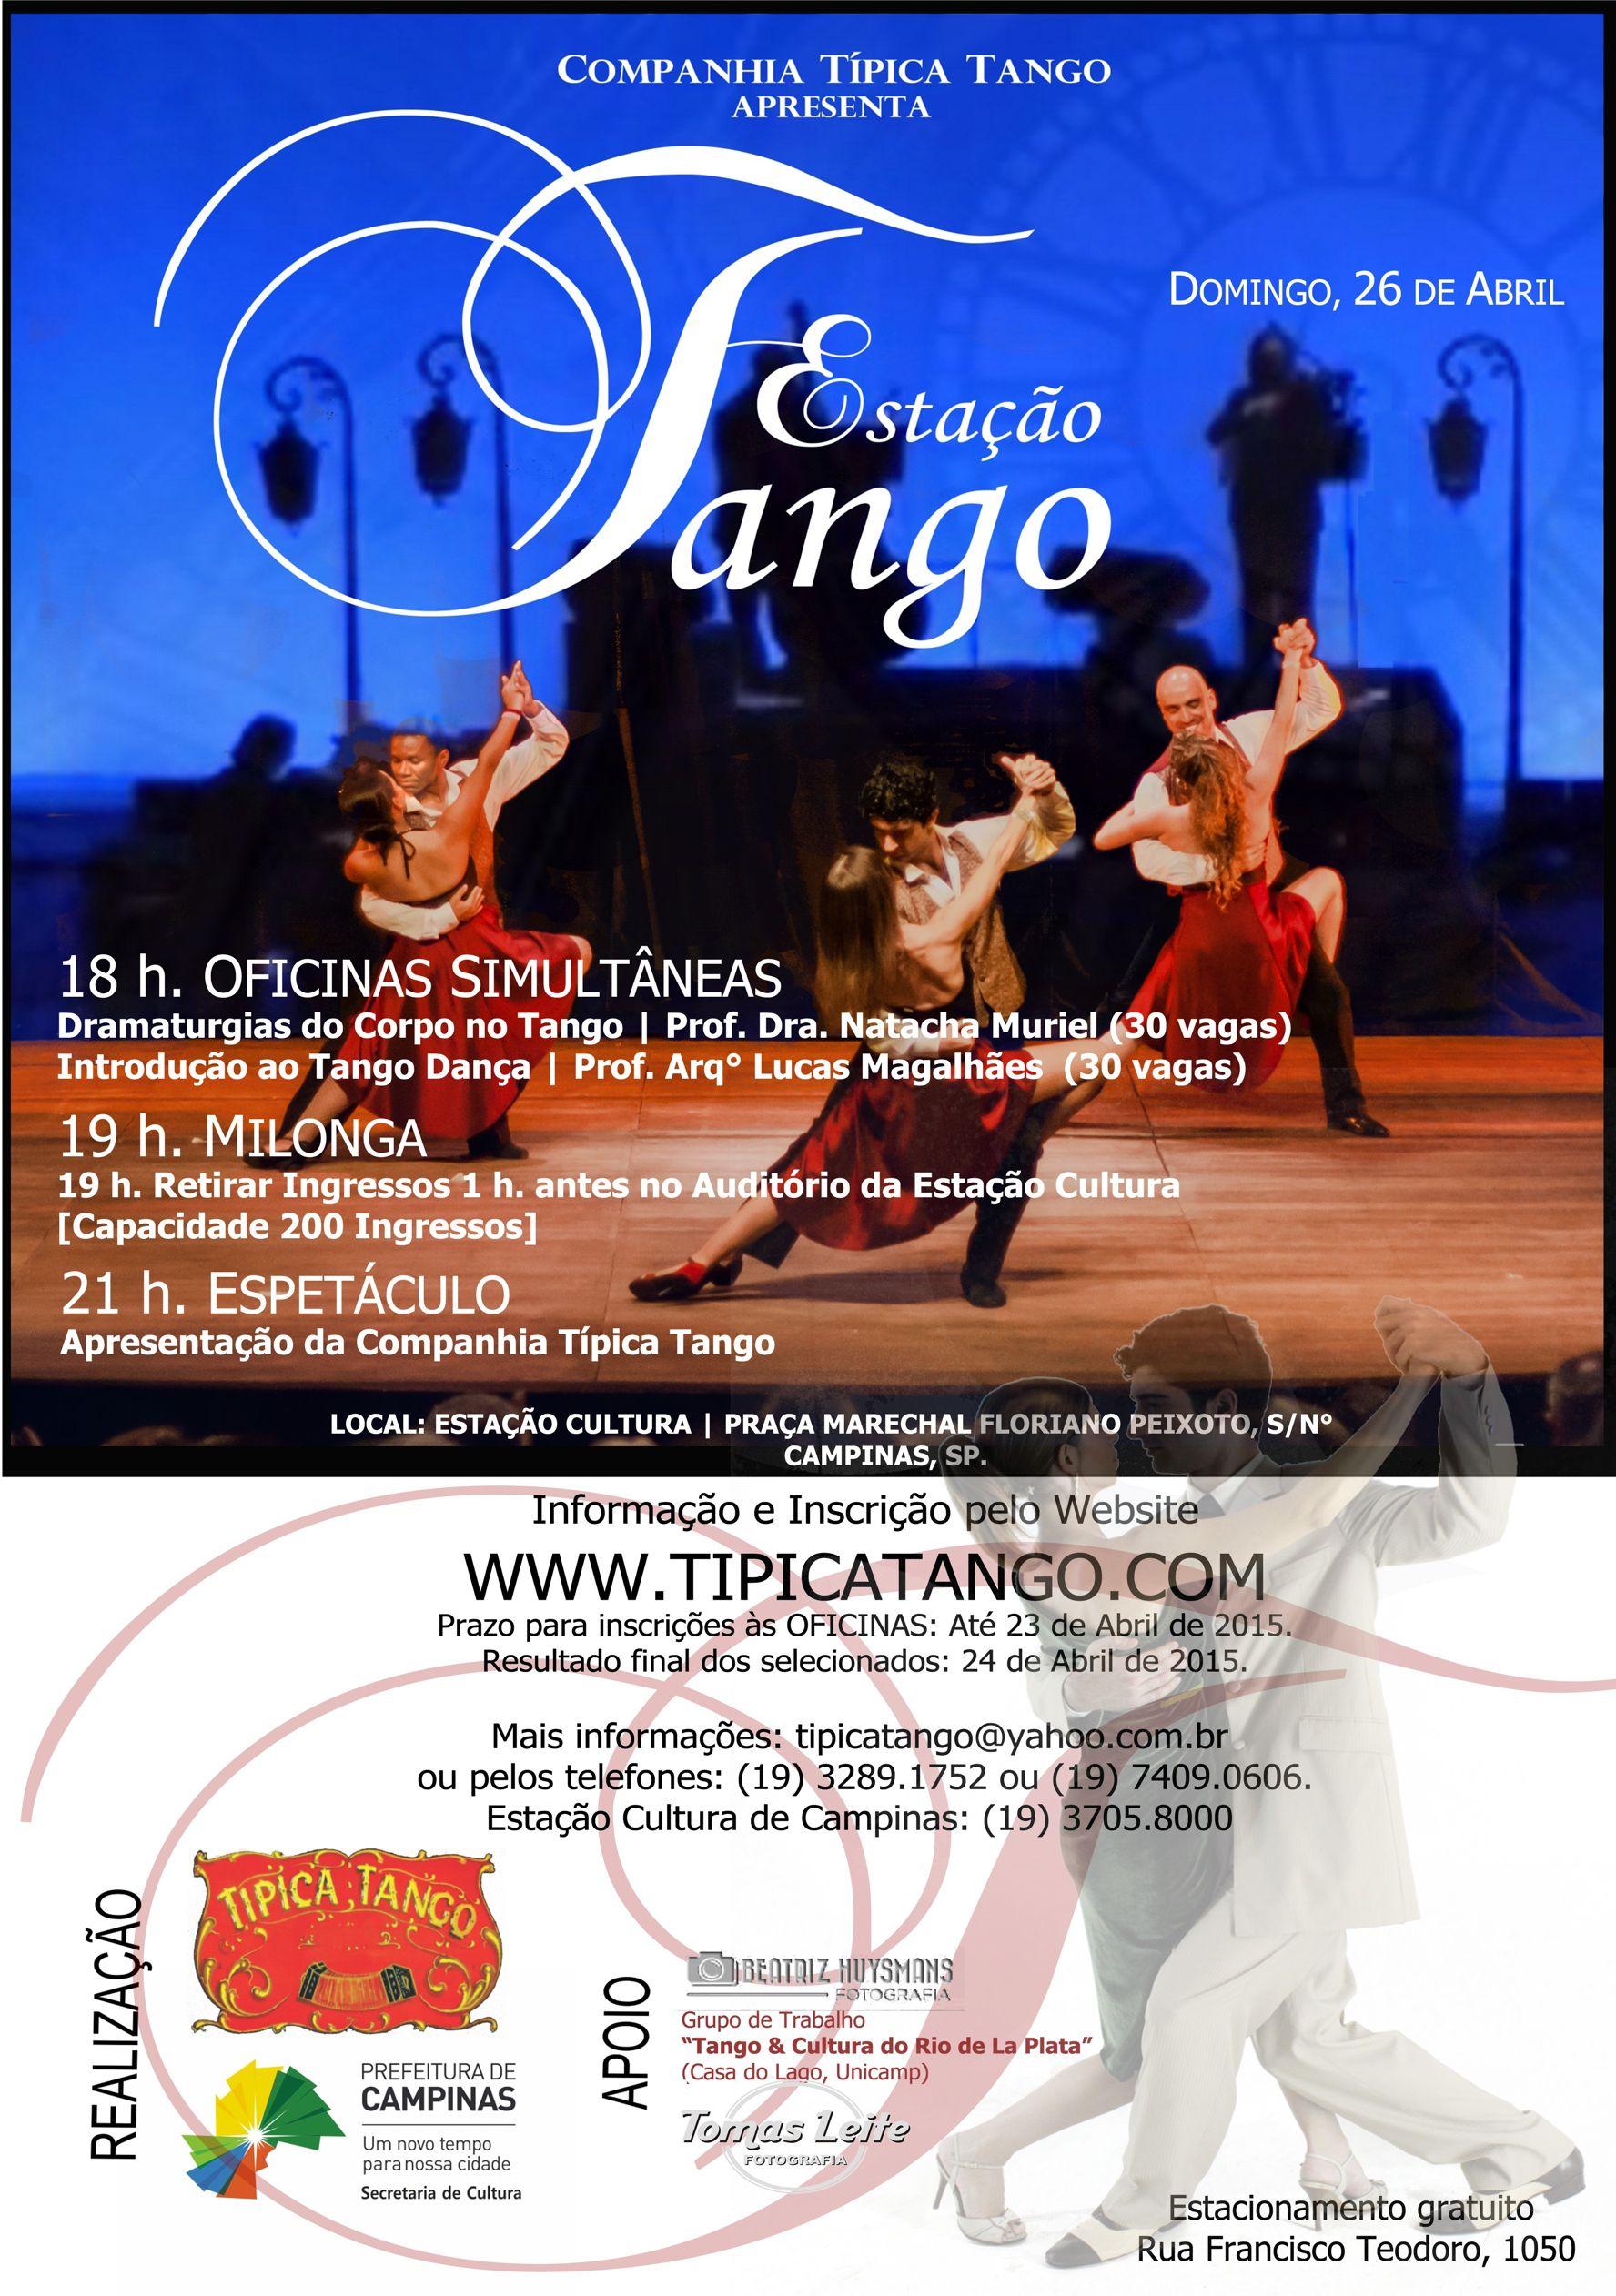 Estação Tango FEPASA